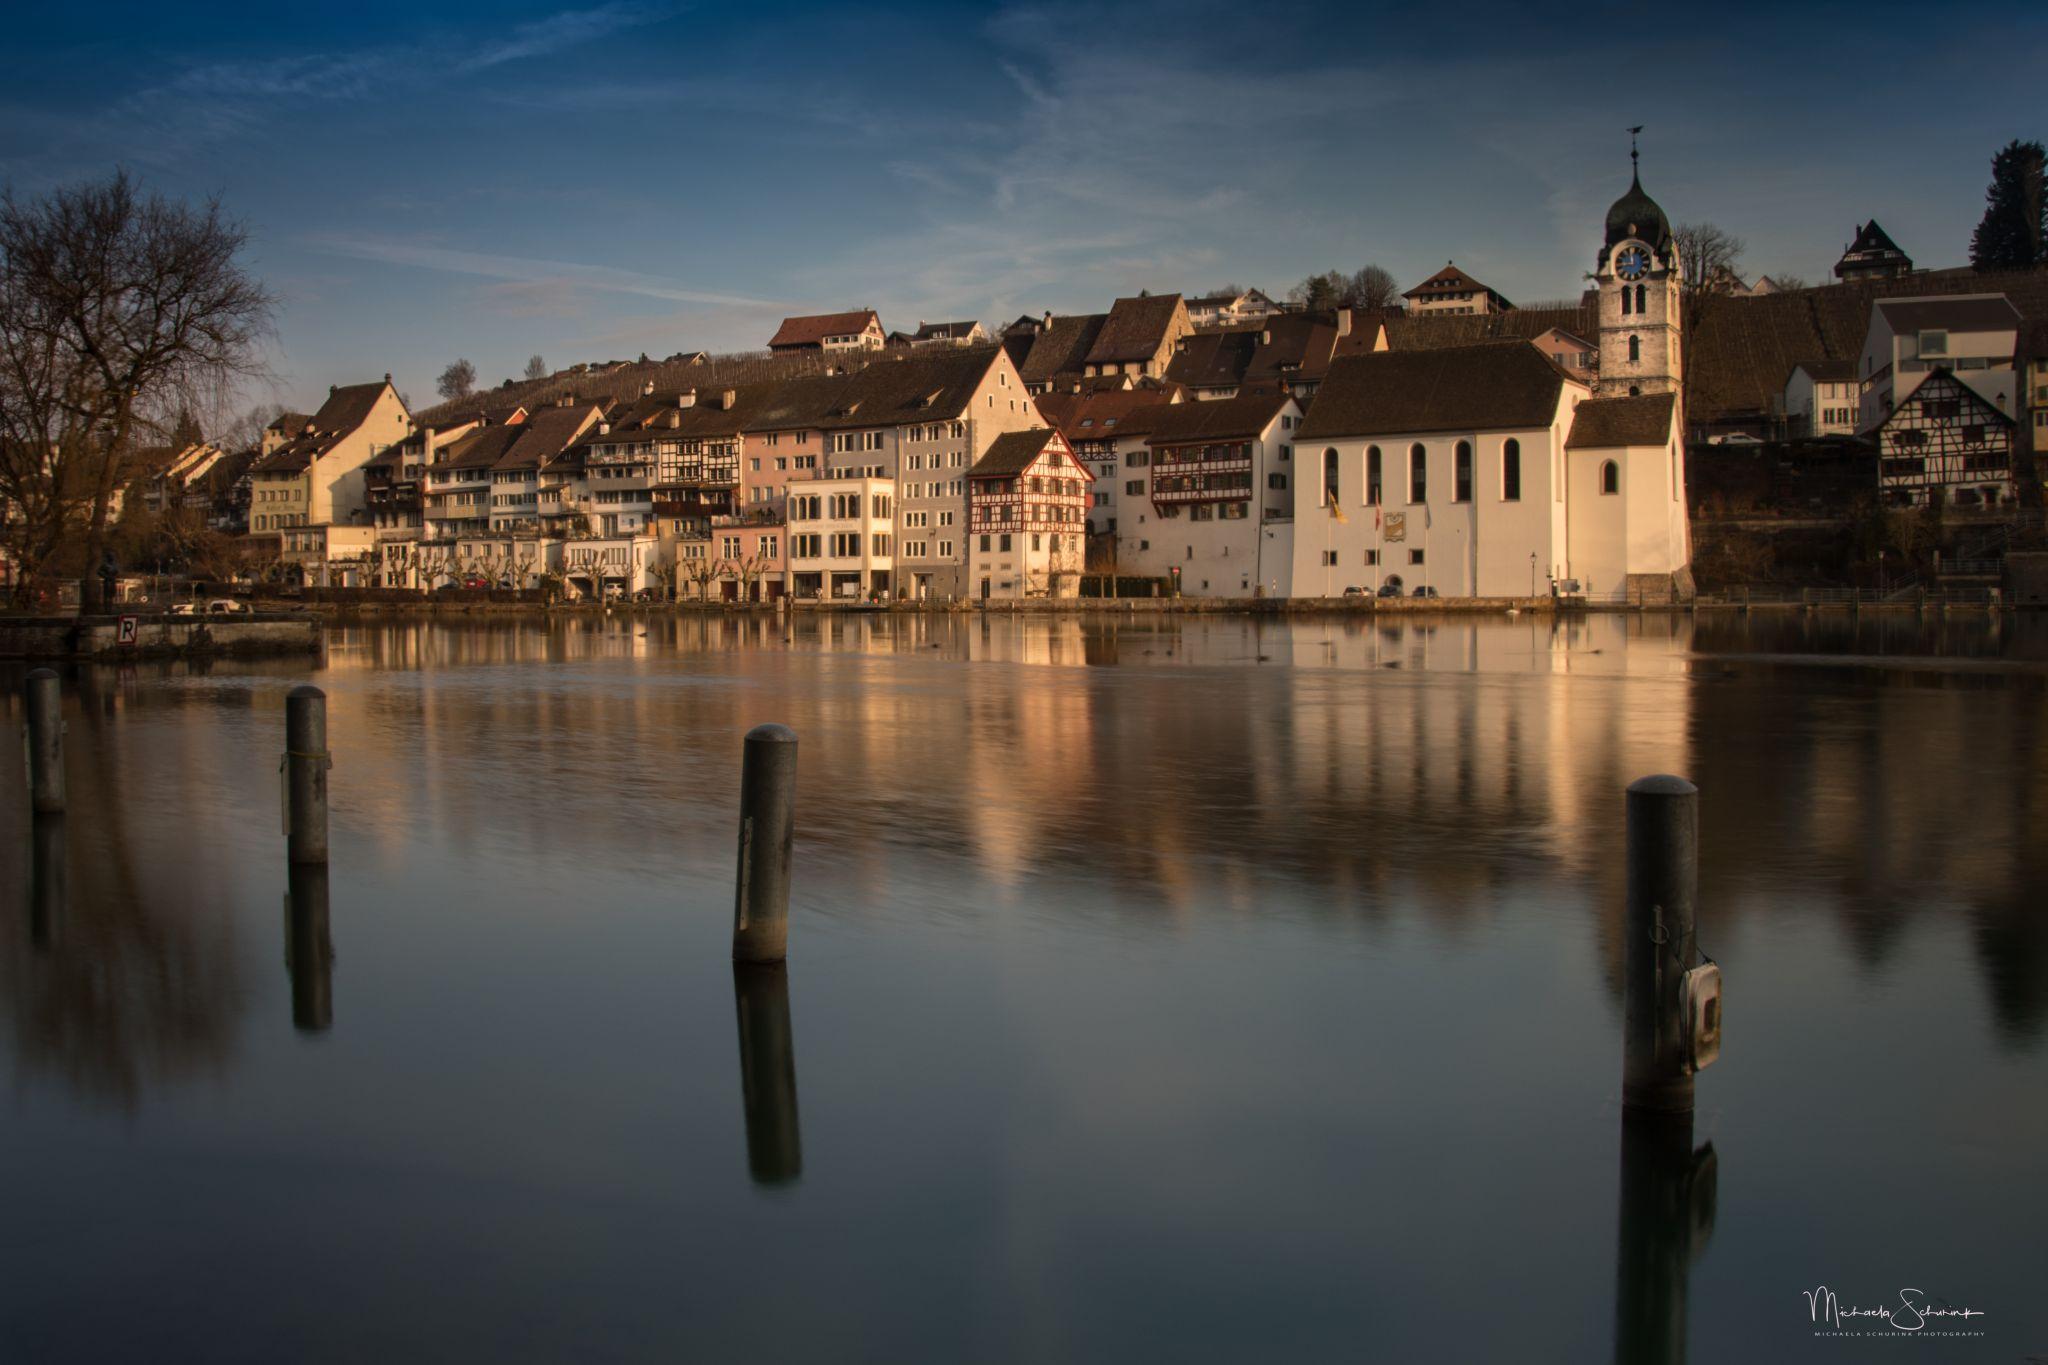 Eglisau, Switzerland